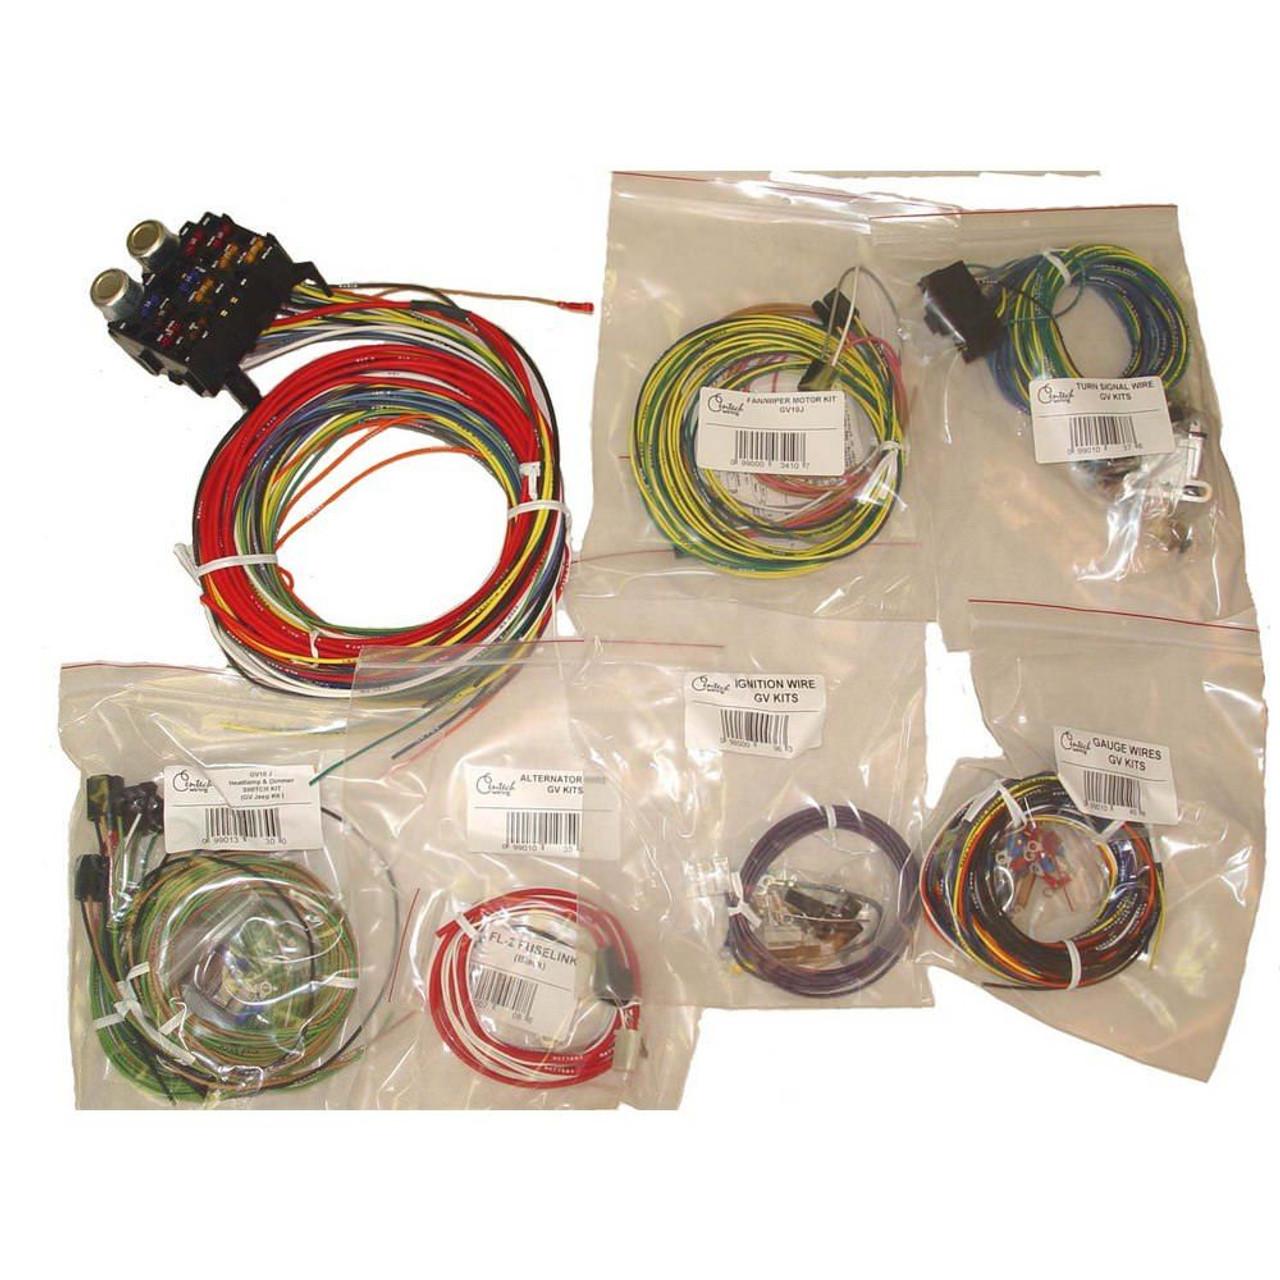 cj jeep wiring harness omix ada  17203 01 centech wiring harness 55 86 jeep cj jeep cj7 wire harness centech wiring harness 55 86 jeep cj